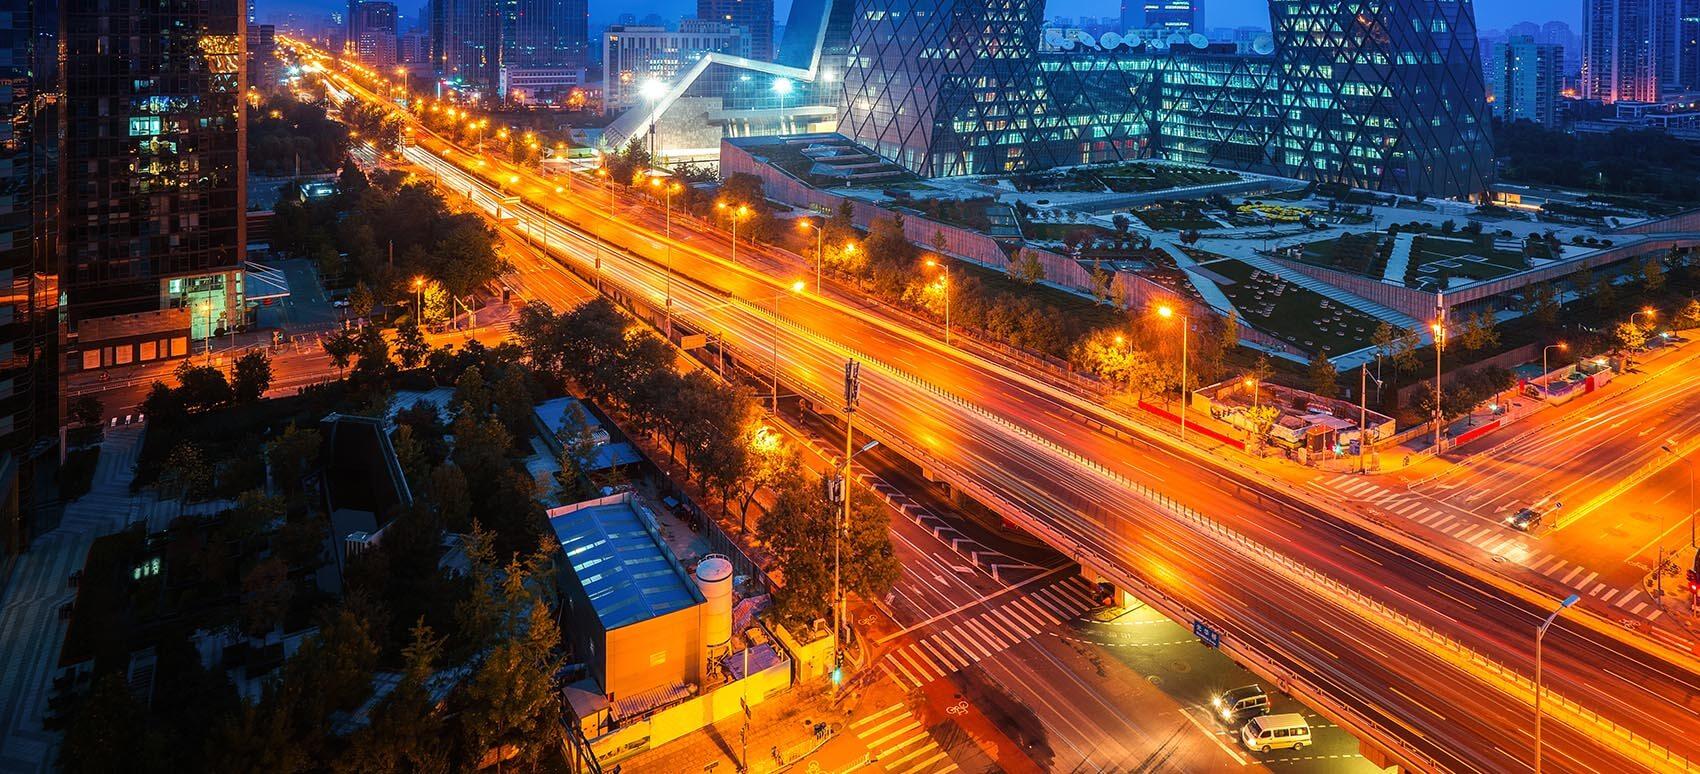 Har du import fra Kina, er vejtransport lige nu et stærkt alternativ til luftfragt, der er udfordret af store eksportmængder og knap kapacitet.